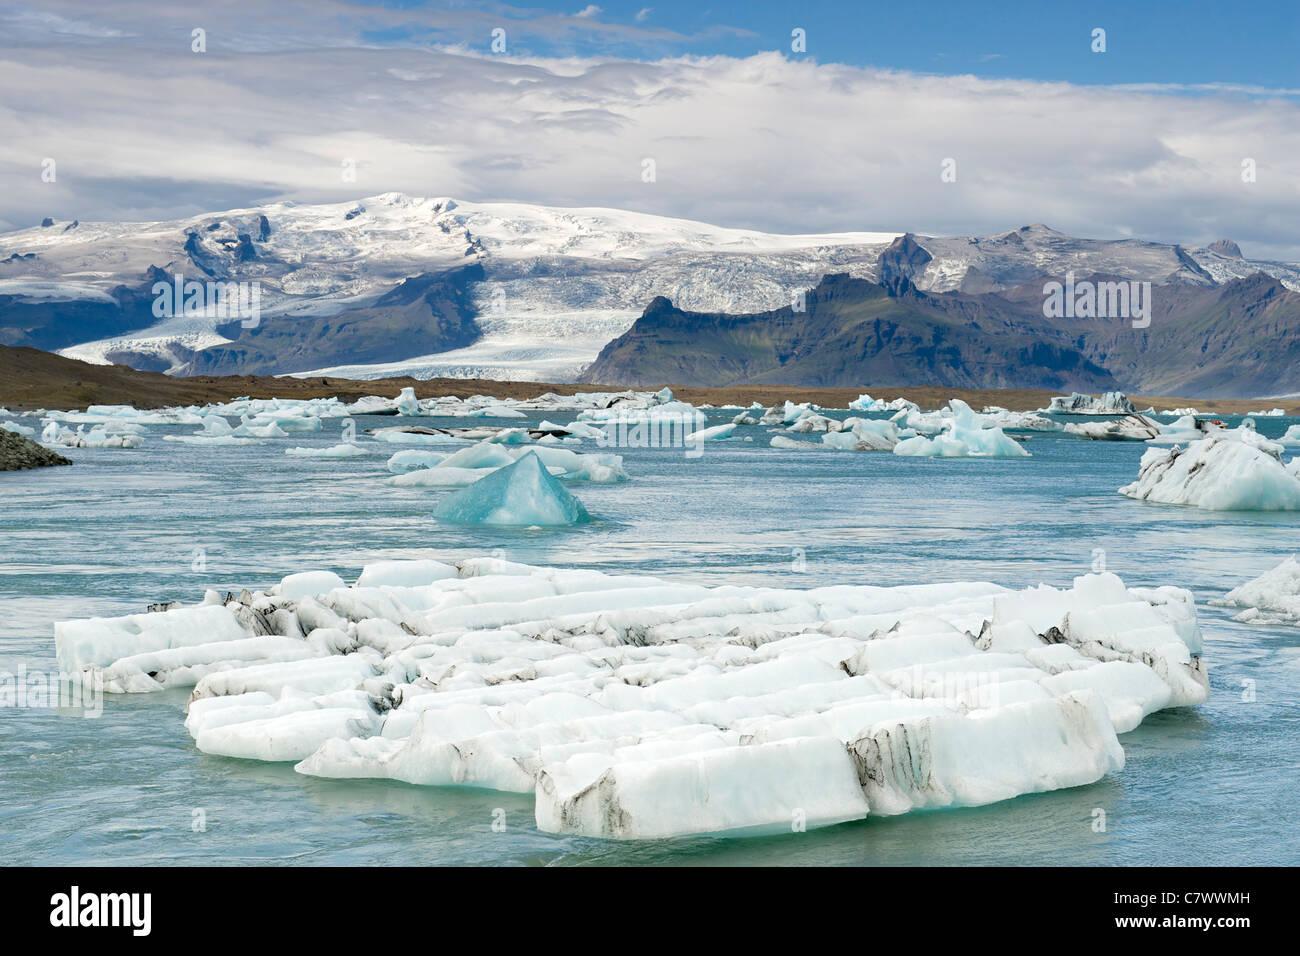 Les icebergs flottant dans le lac Jokullsarlon au pied de l'énorme glacier de Vatnajokull dans le sud-est Photo Stock